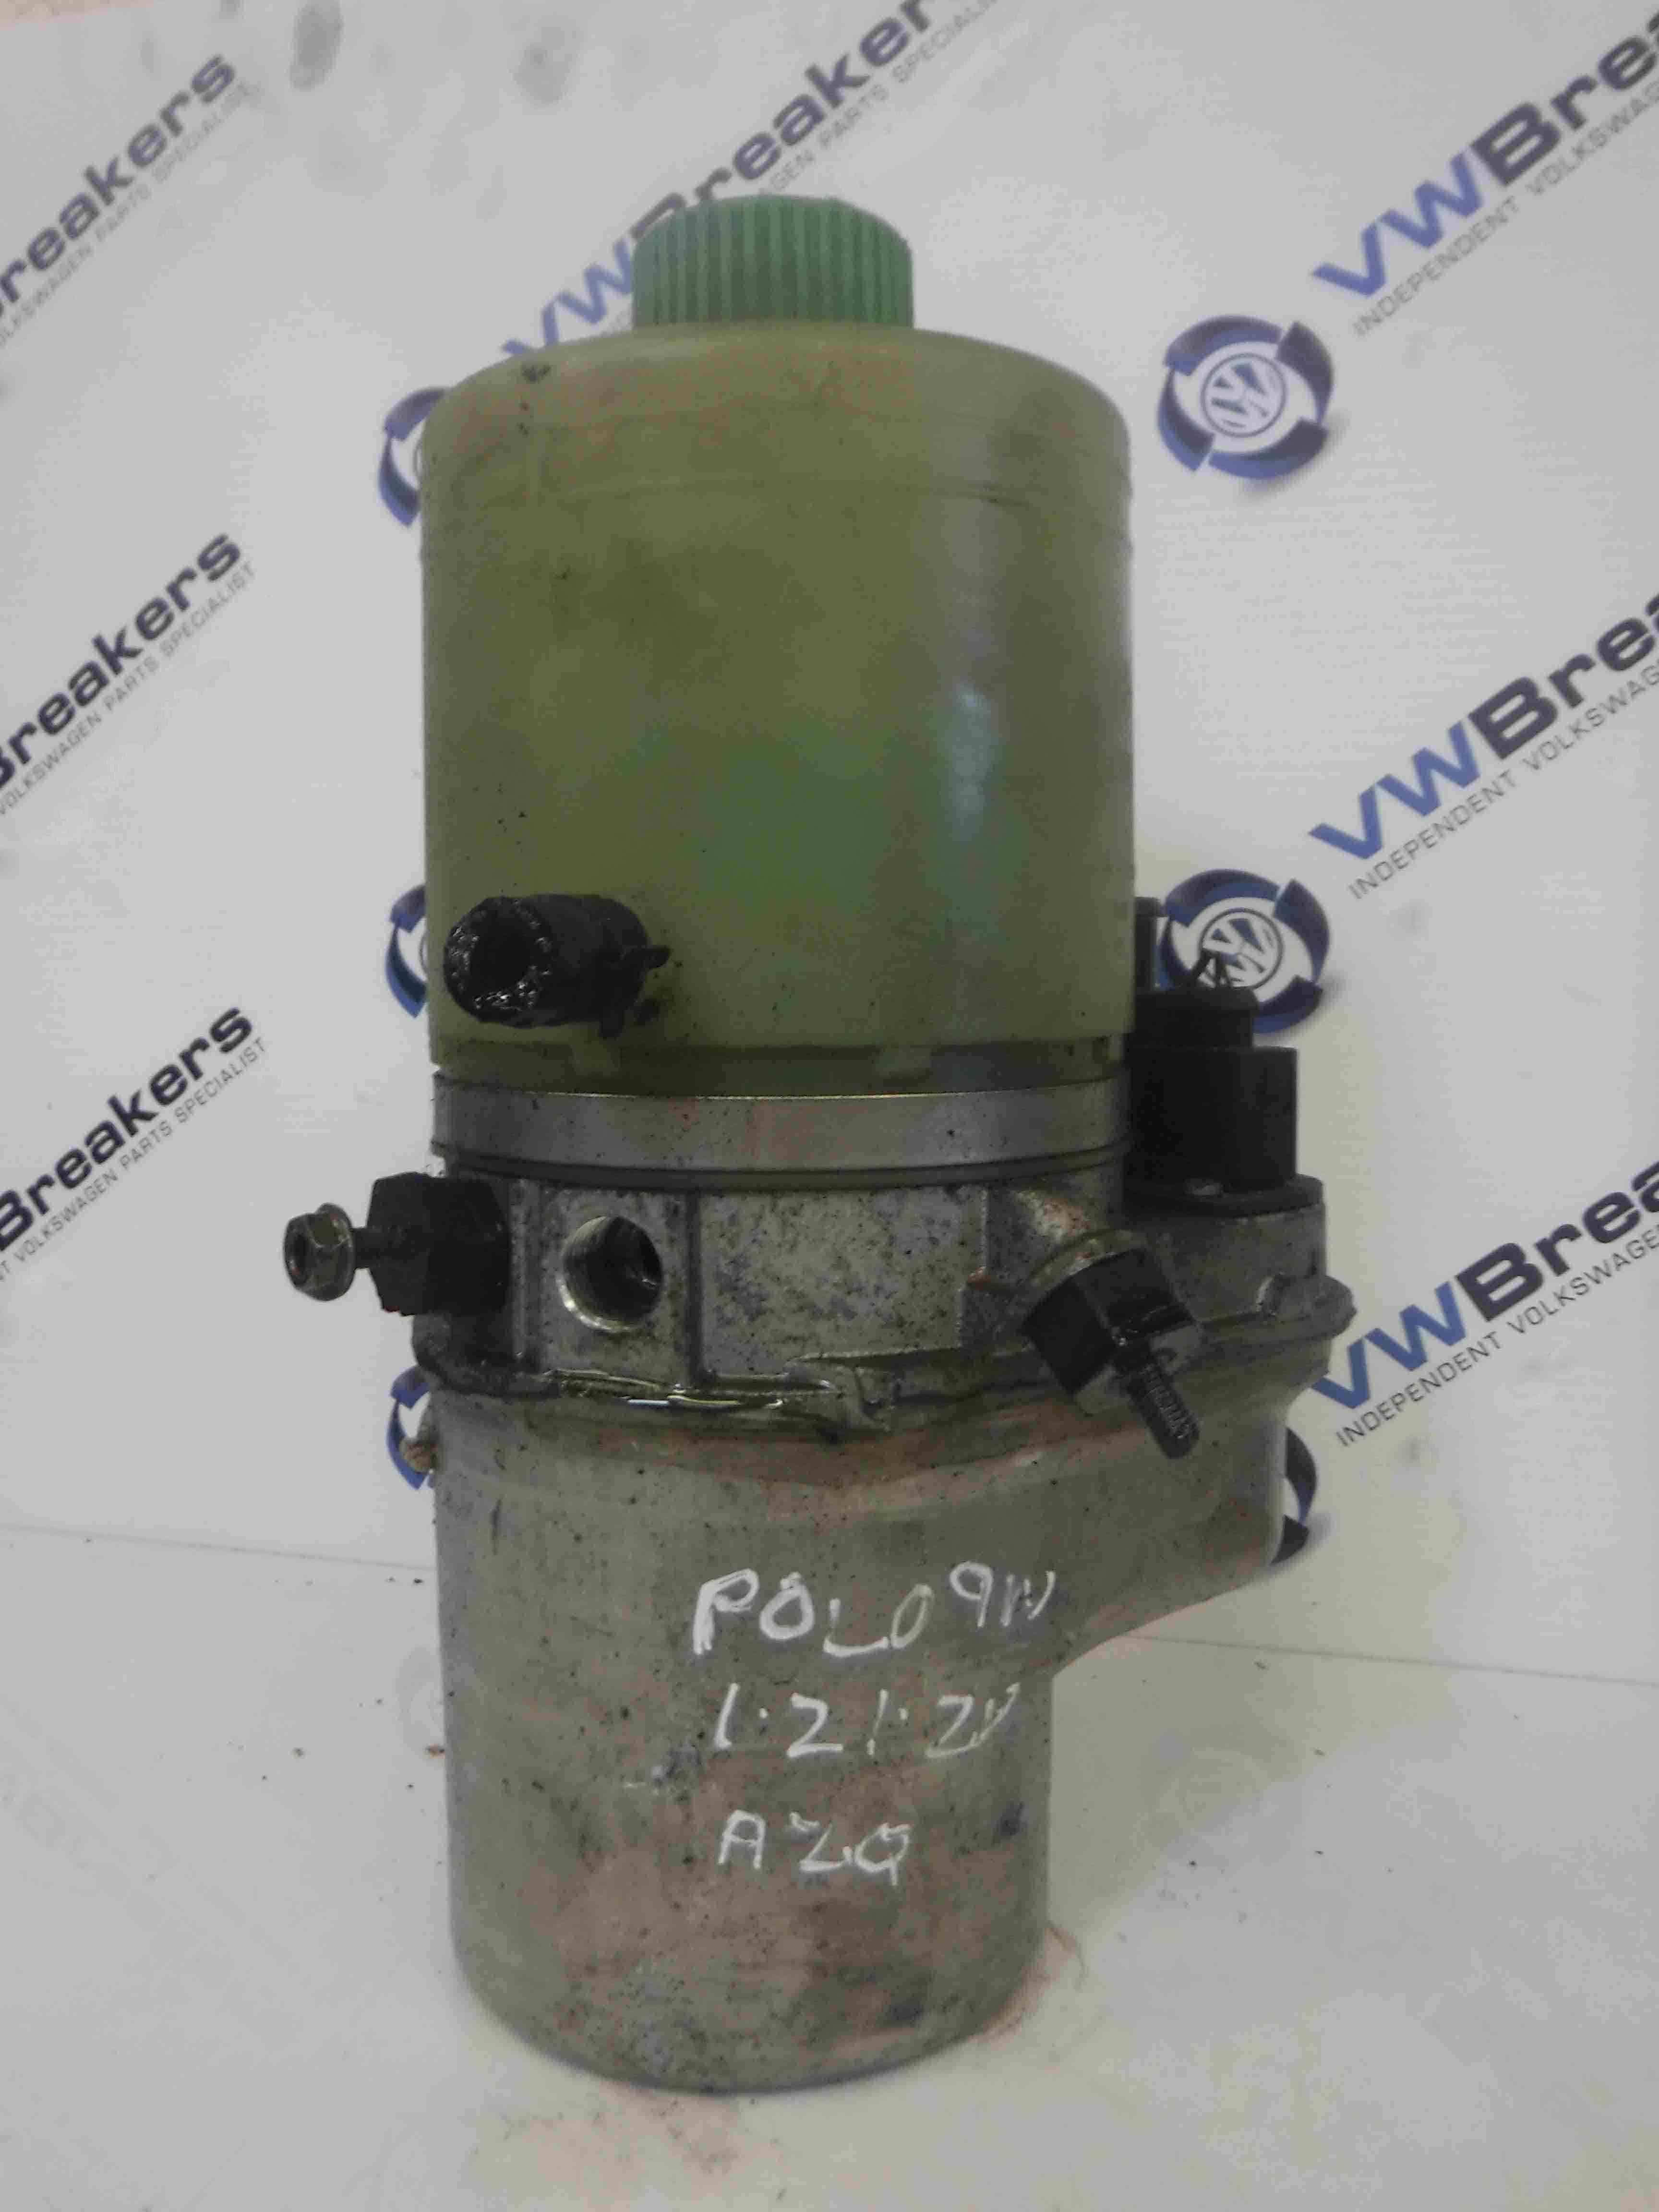 Volkswagen Polo 2003-2006 9N 1.2 12v Power Steering Pump 6Q0423156AB 6Q423156M